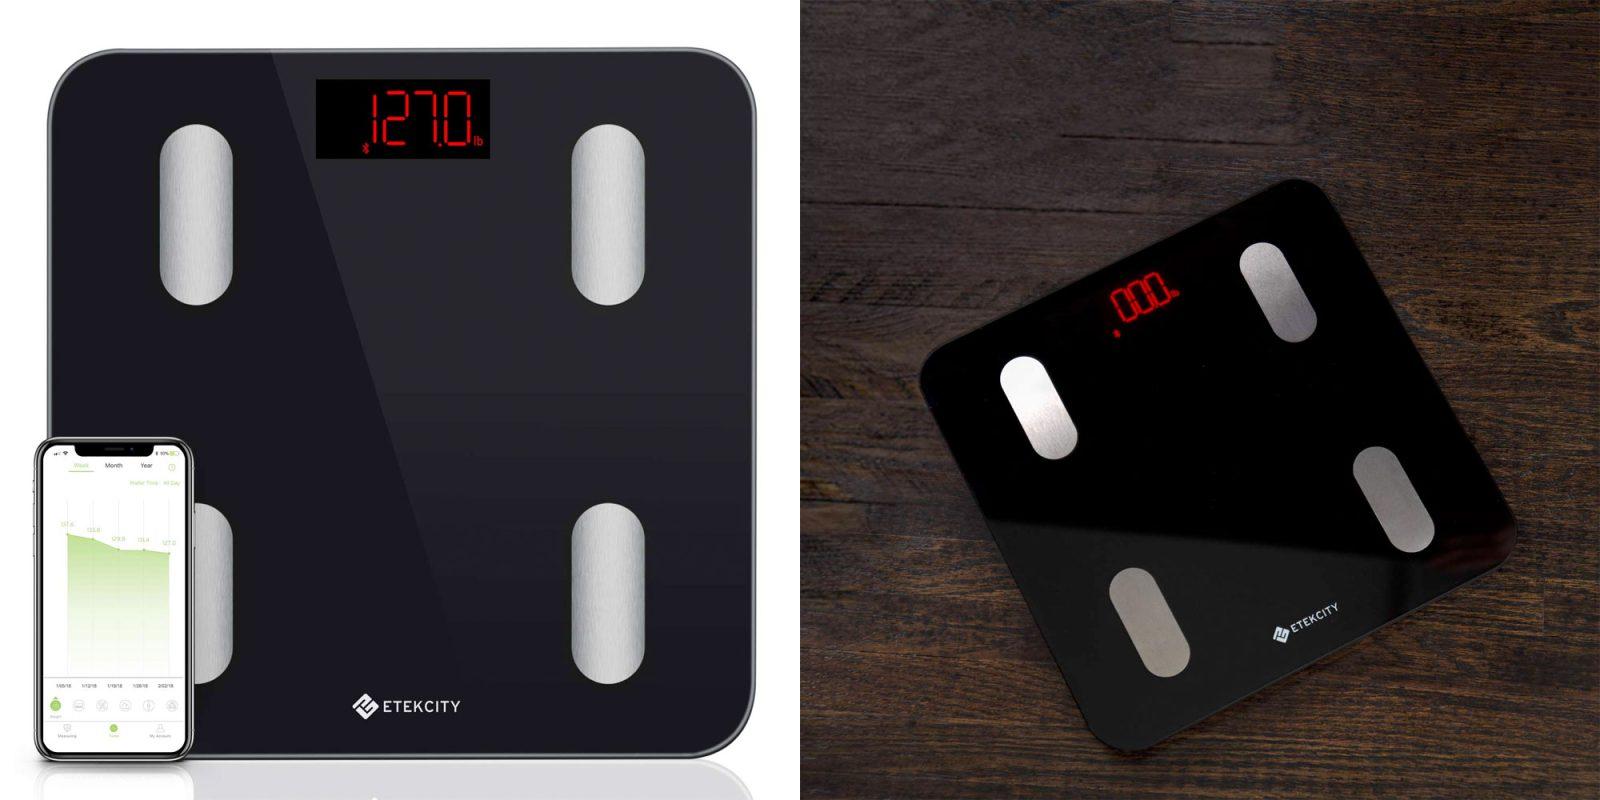 This $16 Apple HealthKit Bluetooth smart scale belongs in every bathroom